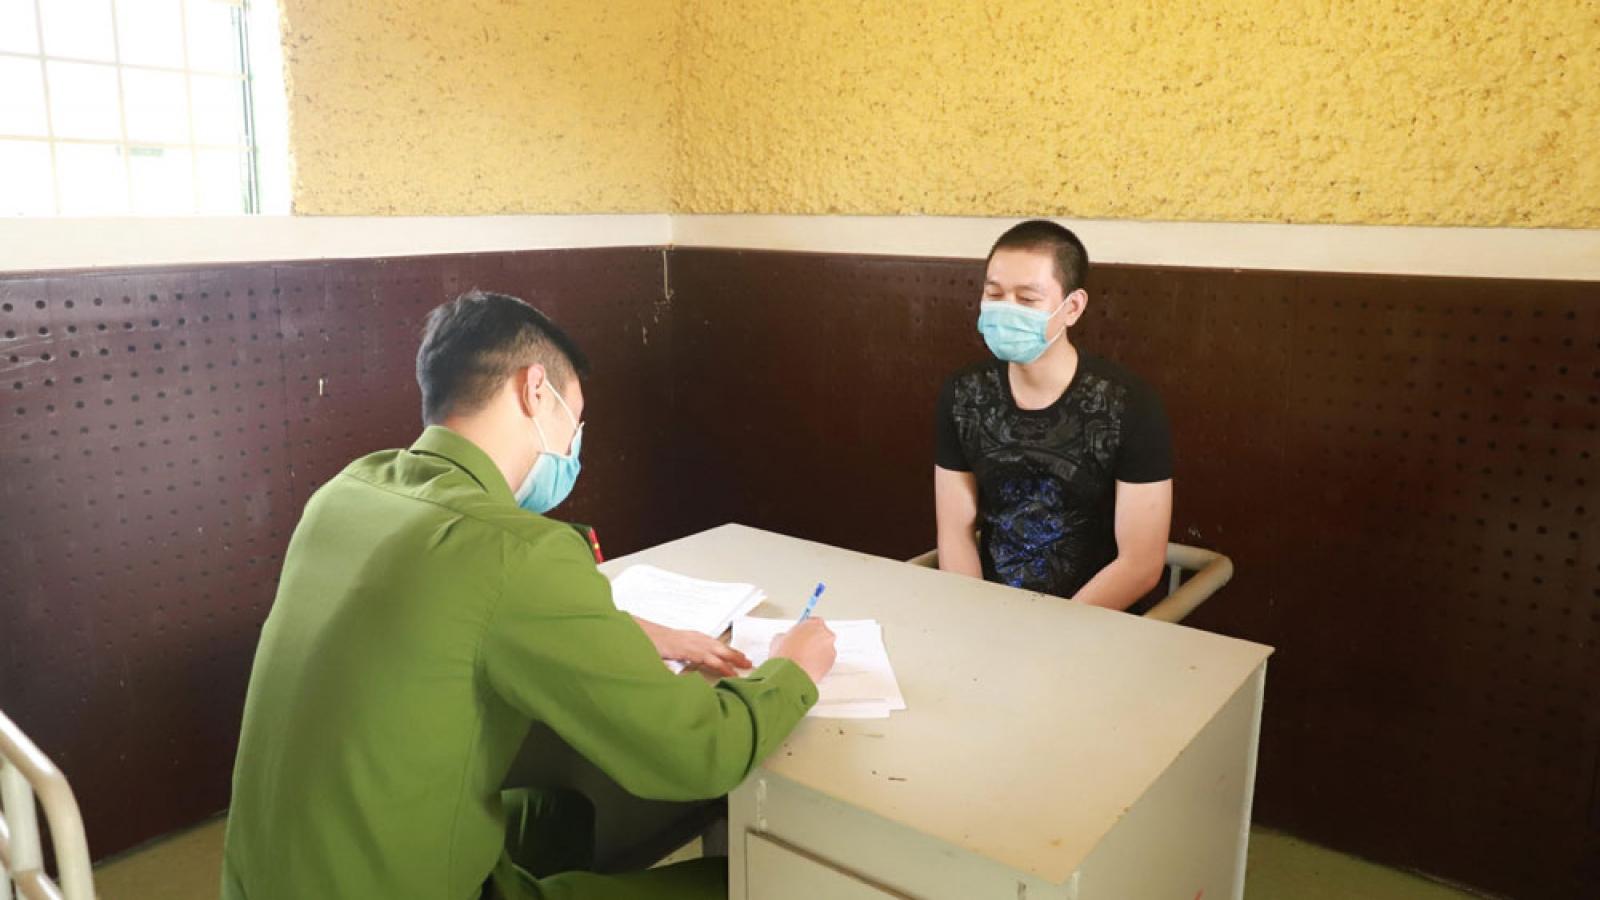 Tiếp tay cho đối tượng người Trung Quốc lừa đảo chiếm đoạt gần 34 tỷ đồng